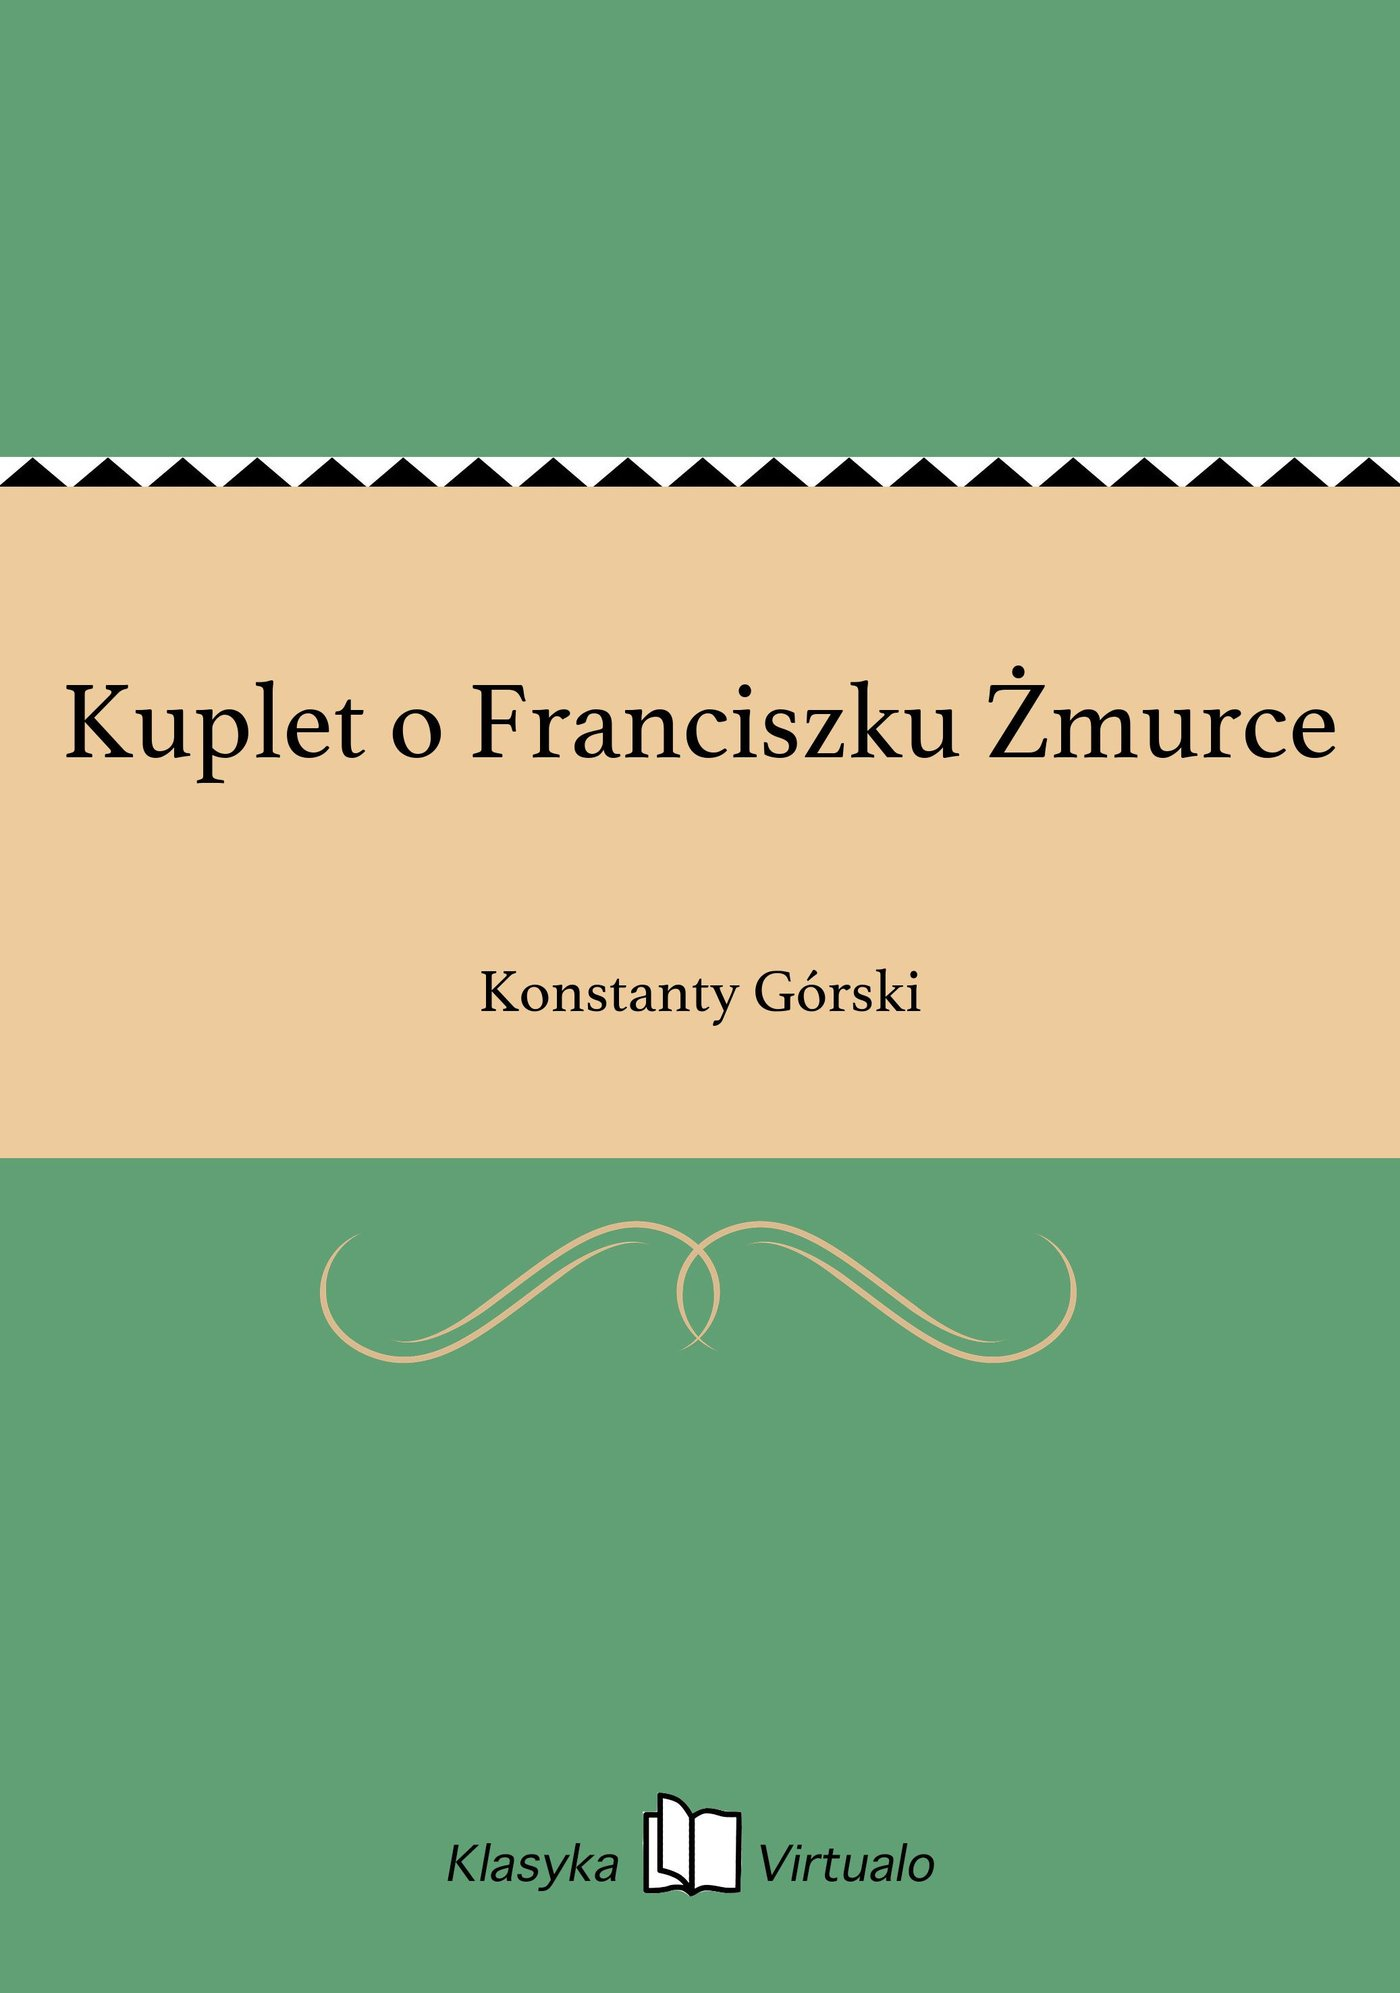 Kuplet o Franciszku Żmurce - Ebook (Książka EPUB) do pobrania w formacie EPUB